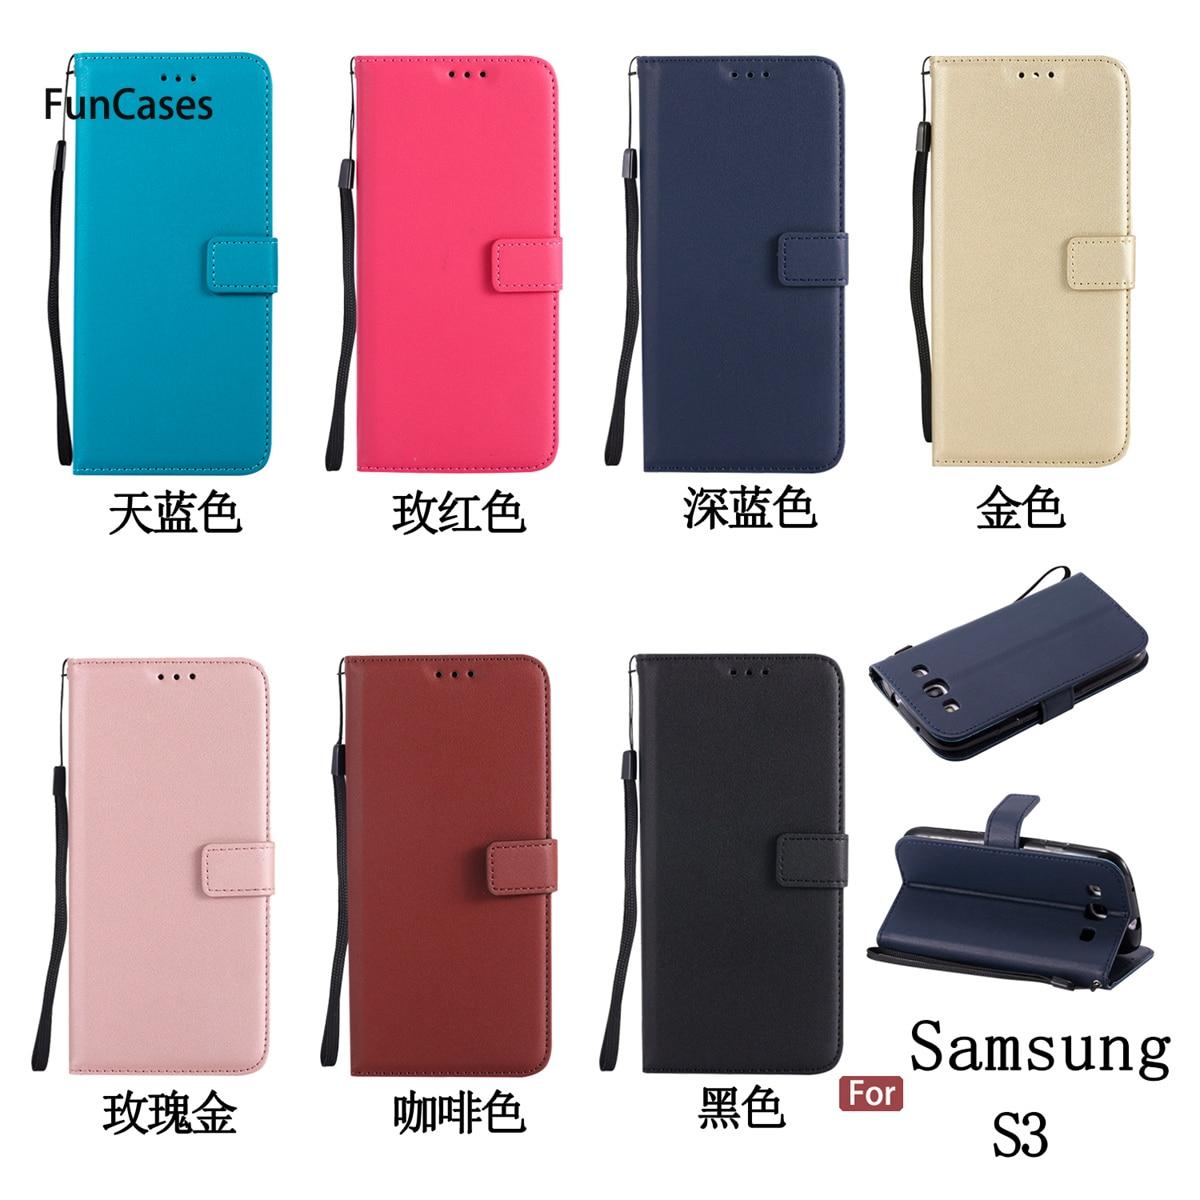 Funda cartera para teléfono sFor Etui Samsung S3 funda con ranura para tarjetas Carcasa cartera funda para teléfono Samsung Galaxy S3 Neo i9300 i9305 SIII